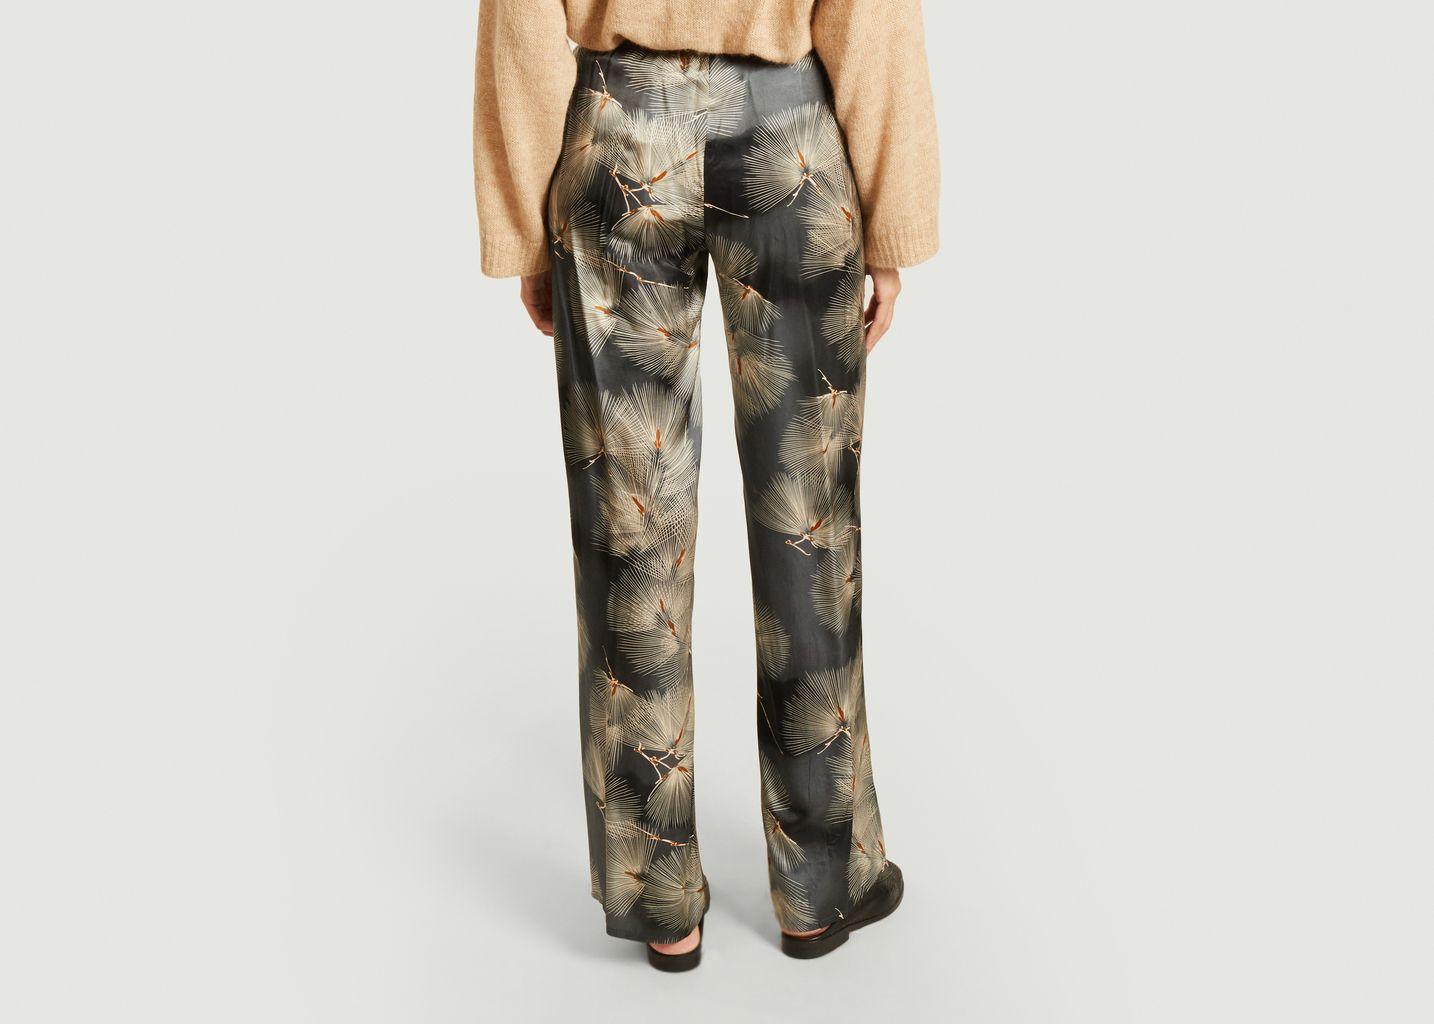 Pantalon plaisance japonais - Hartford